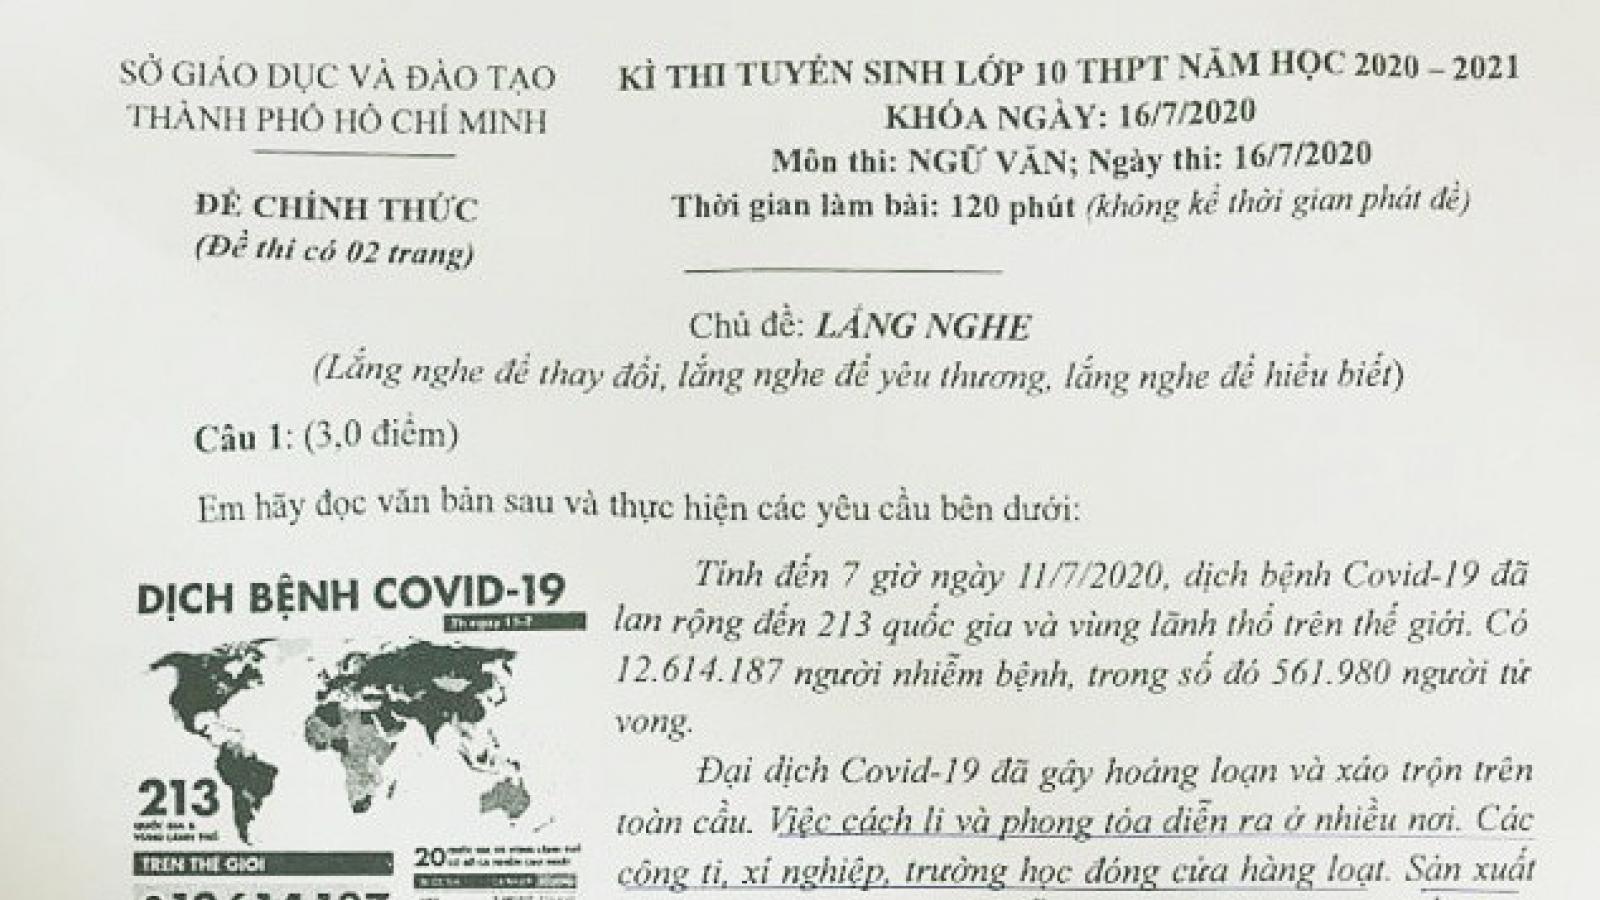 Dịch Covid-19 trong đề thi Ngữ văn thi vào lớp 10 ở TPHCM